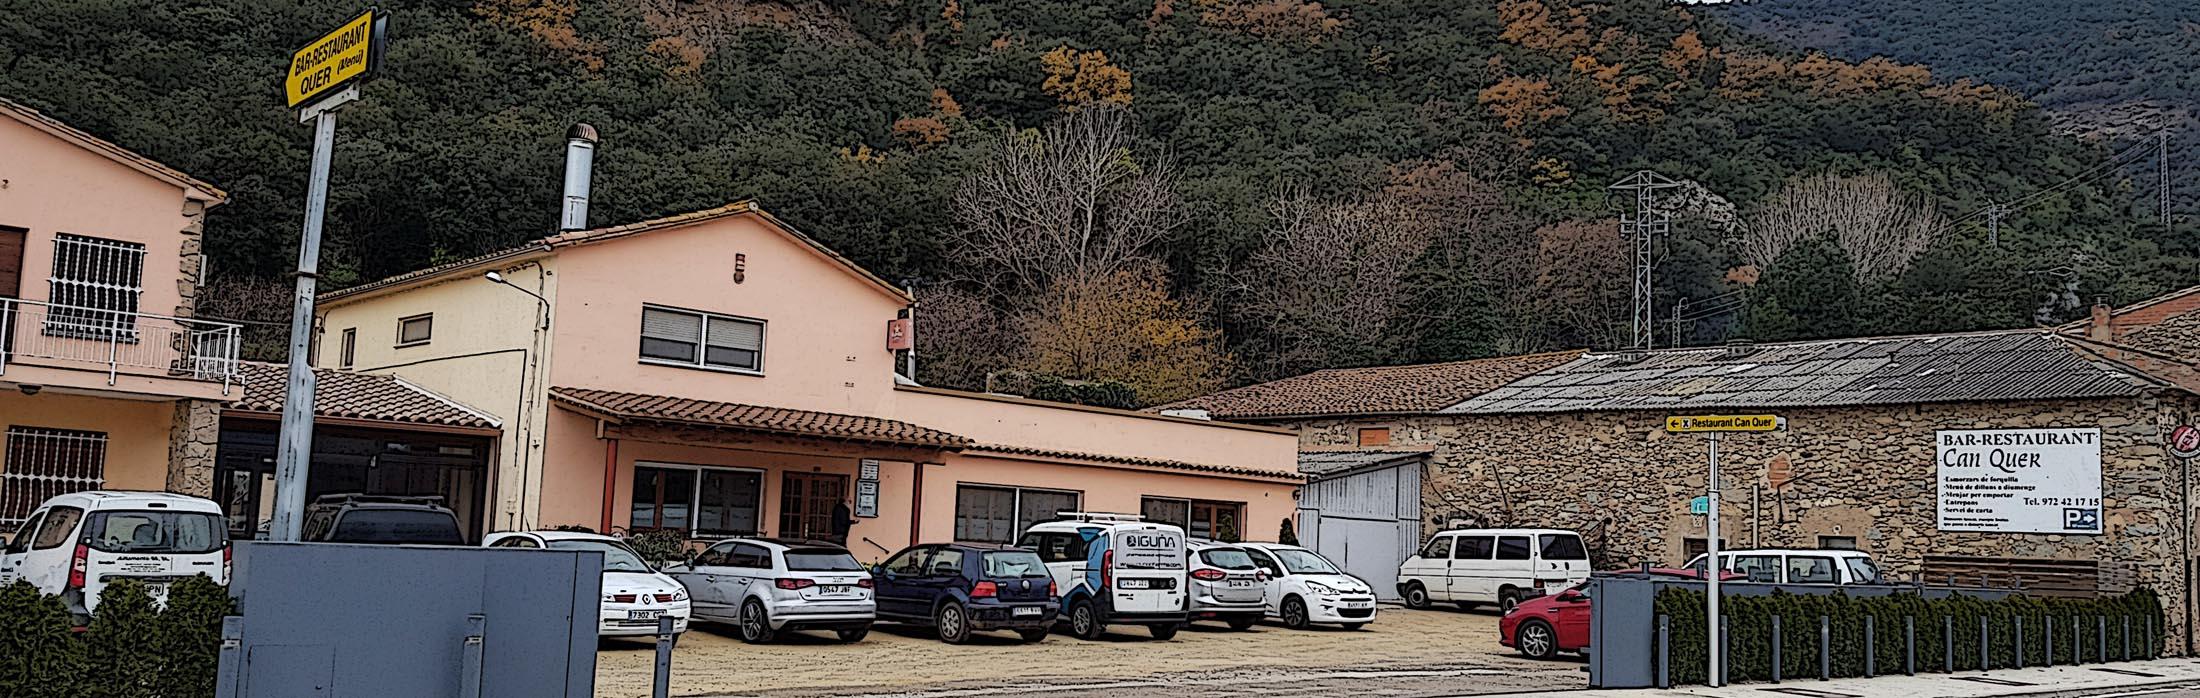 Restaurant Can Quer - El Pasteral (4)